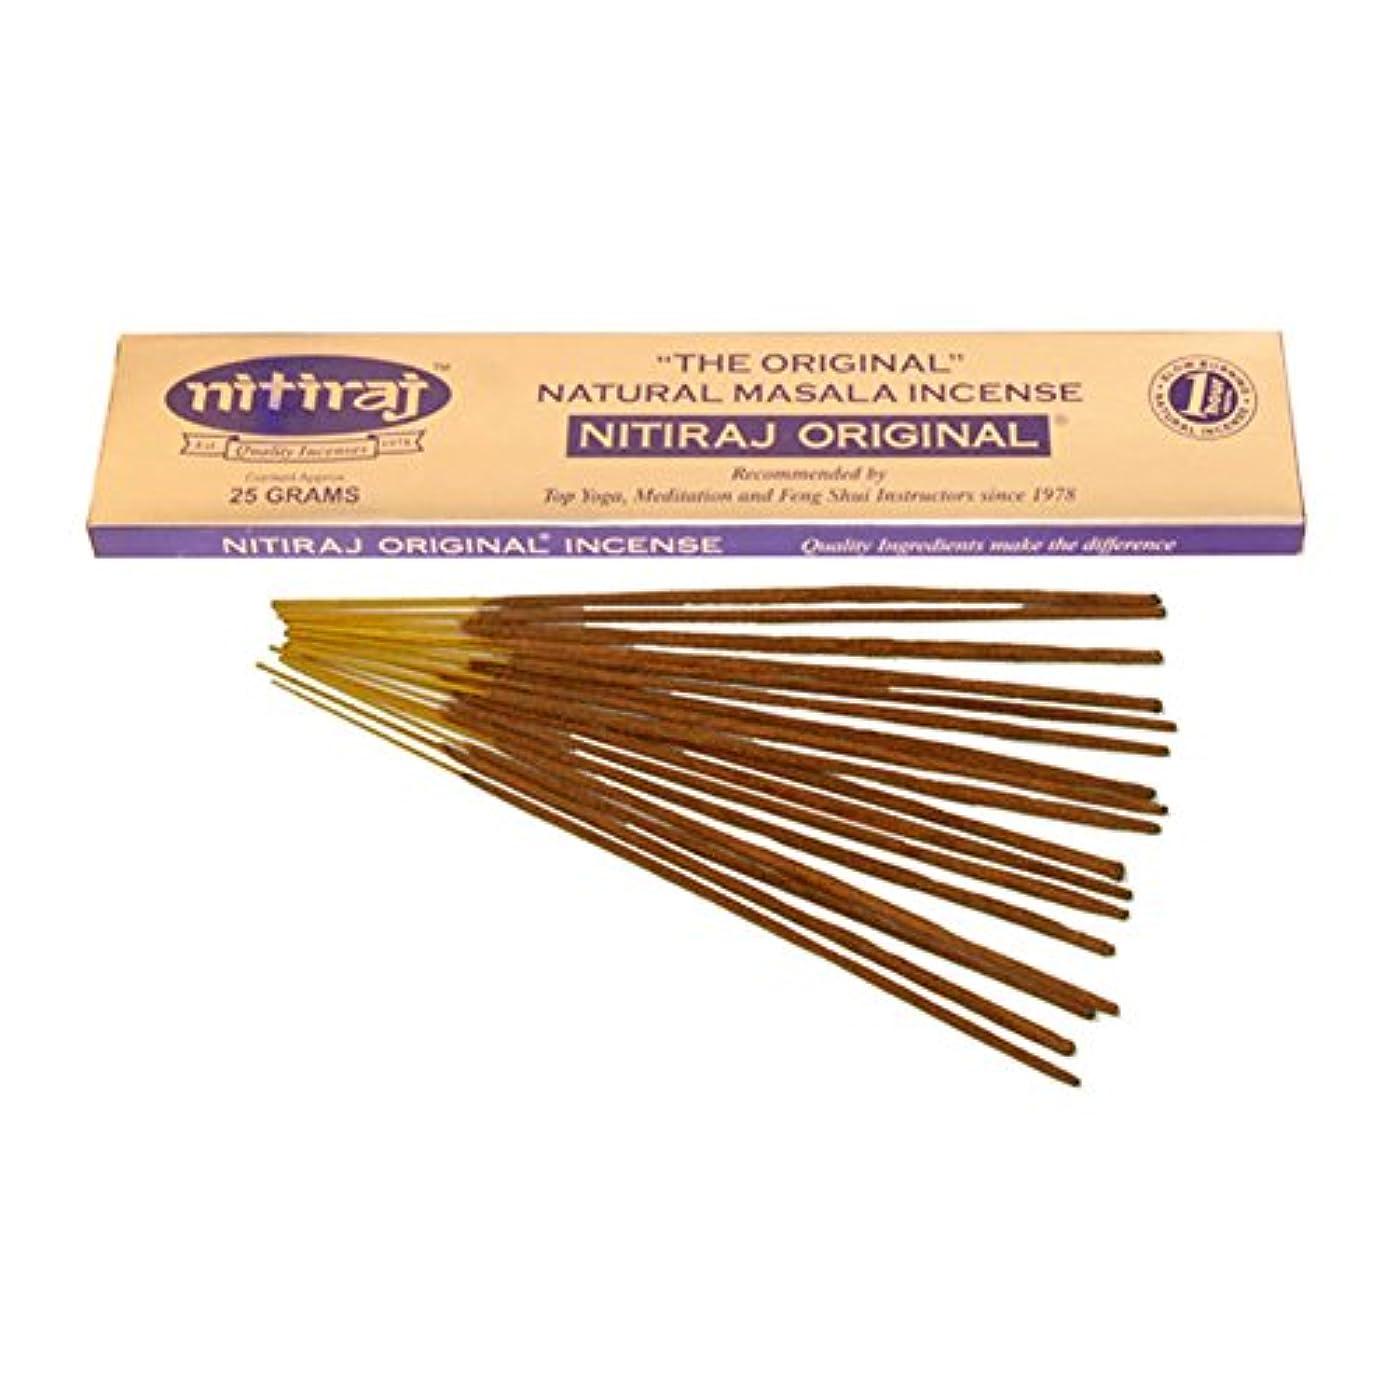 事インデックスシングル(25 Grammes) - Nitiraj The Original Natural Masala Incense Slow Burning 1 Hour per Stick